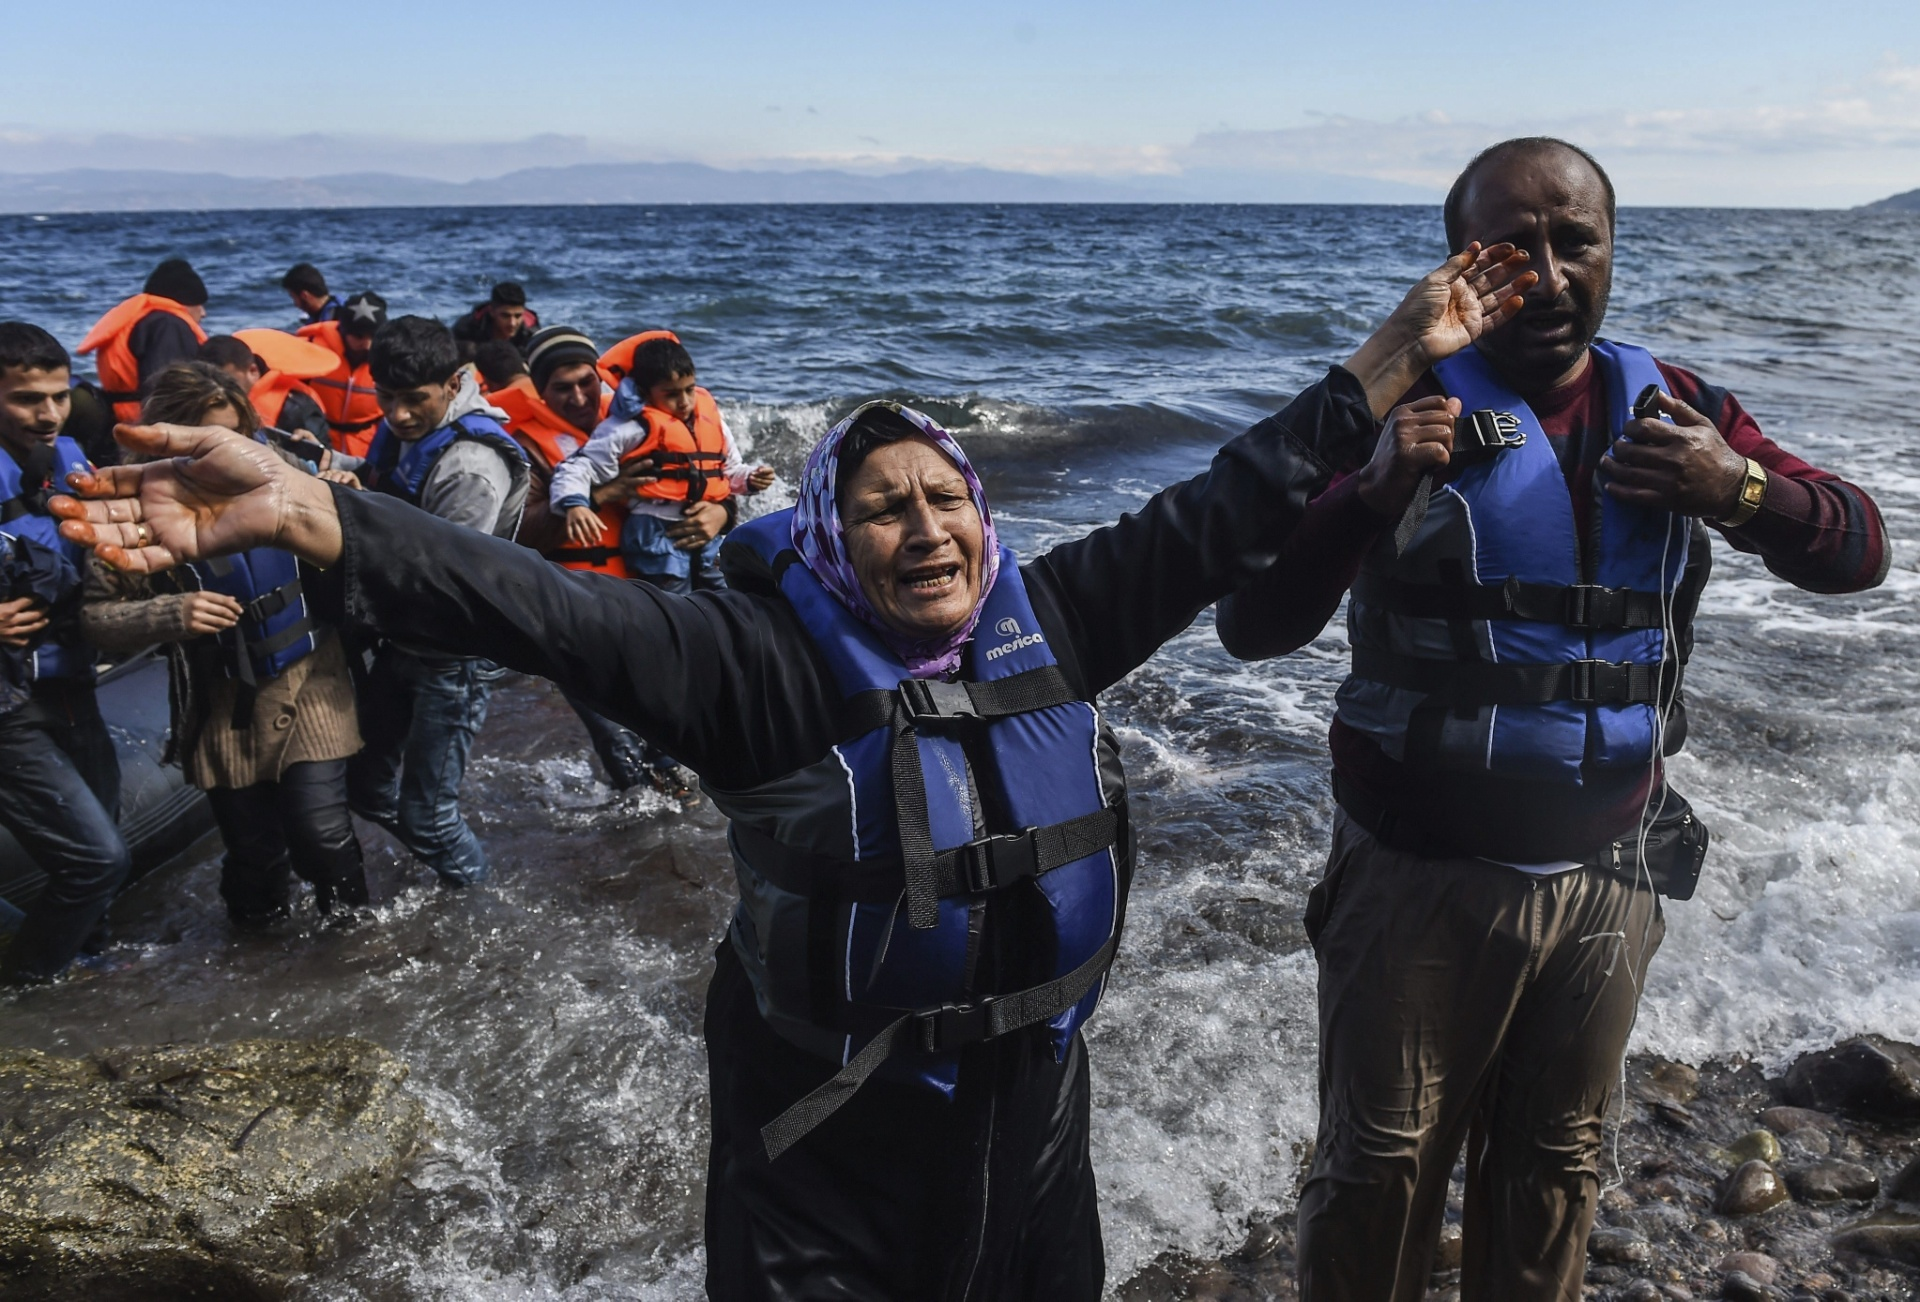 1º.out.2015 - Refugiada afegã comemora chegada à Ilha de Lesbos, na Grécia. Cerca de 100 mil refugiados já chegaram na ilha grega desde agosto, segundo a Guarda Costeira grega. O país é um dos principais destinos dos refugiados afegãos, paquistaneses e sírios que fogem de guerras e tentam uma nova vida na Europa